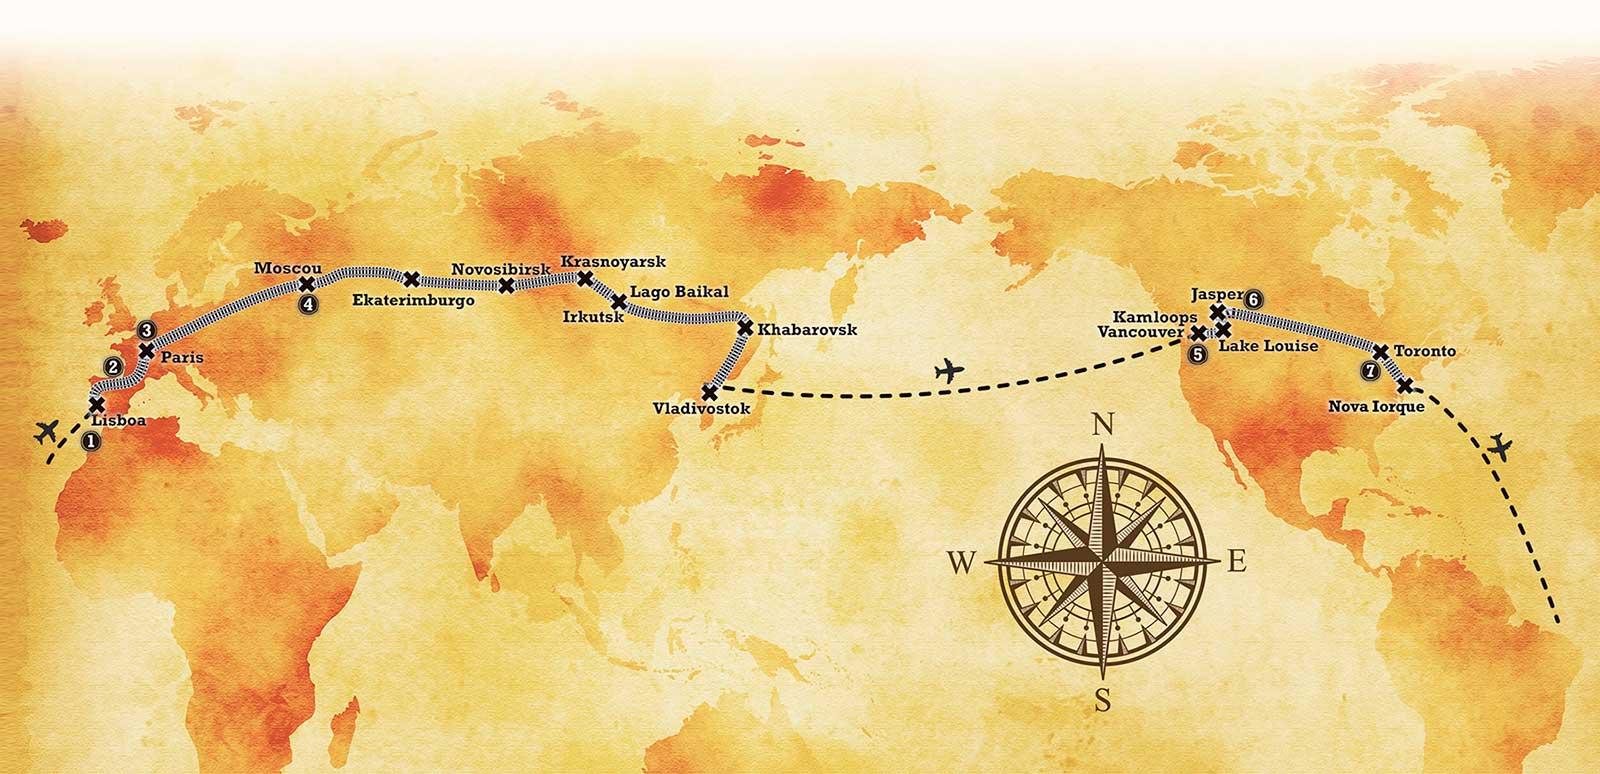 O roteiro abrange trs continentes com servios de hospedagem e entretenimento em Portugal, Frana, Rssia, Canad e EUA